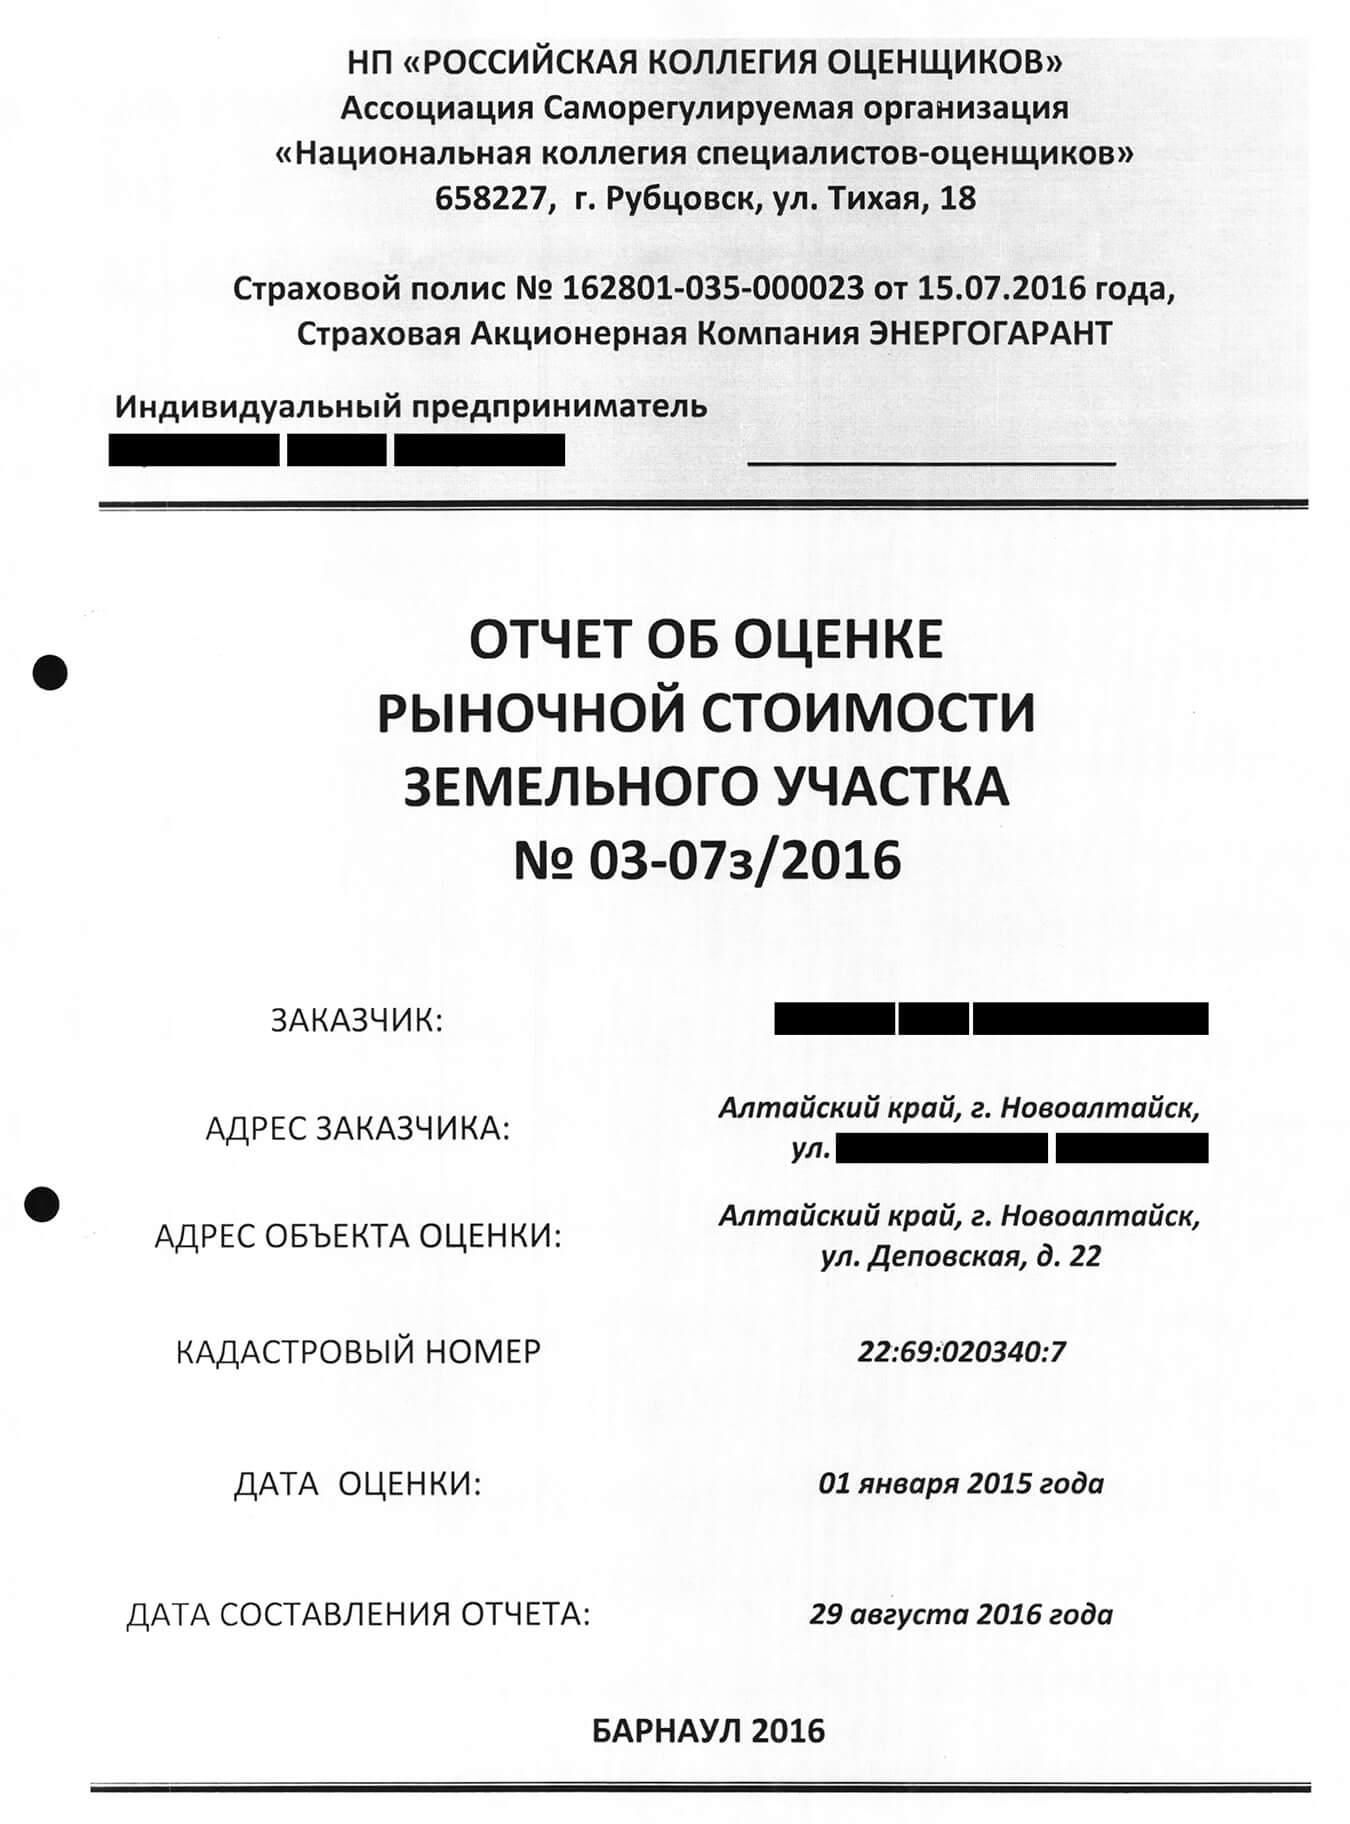 Титульный лист отчета об оценке стоимости участка